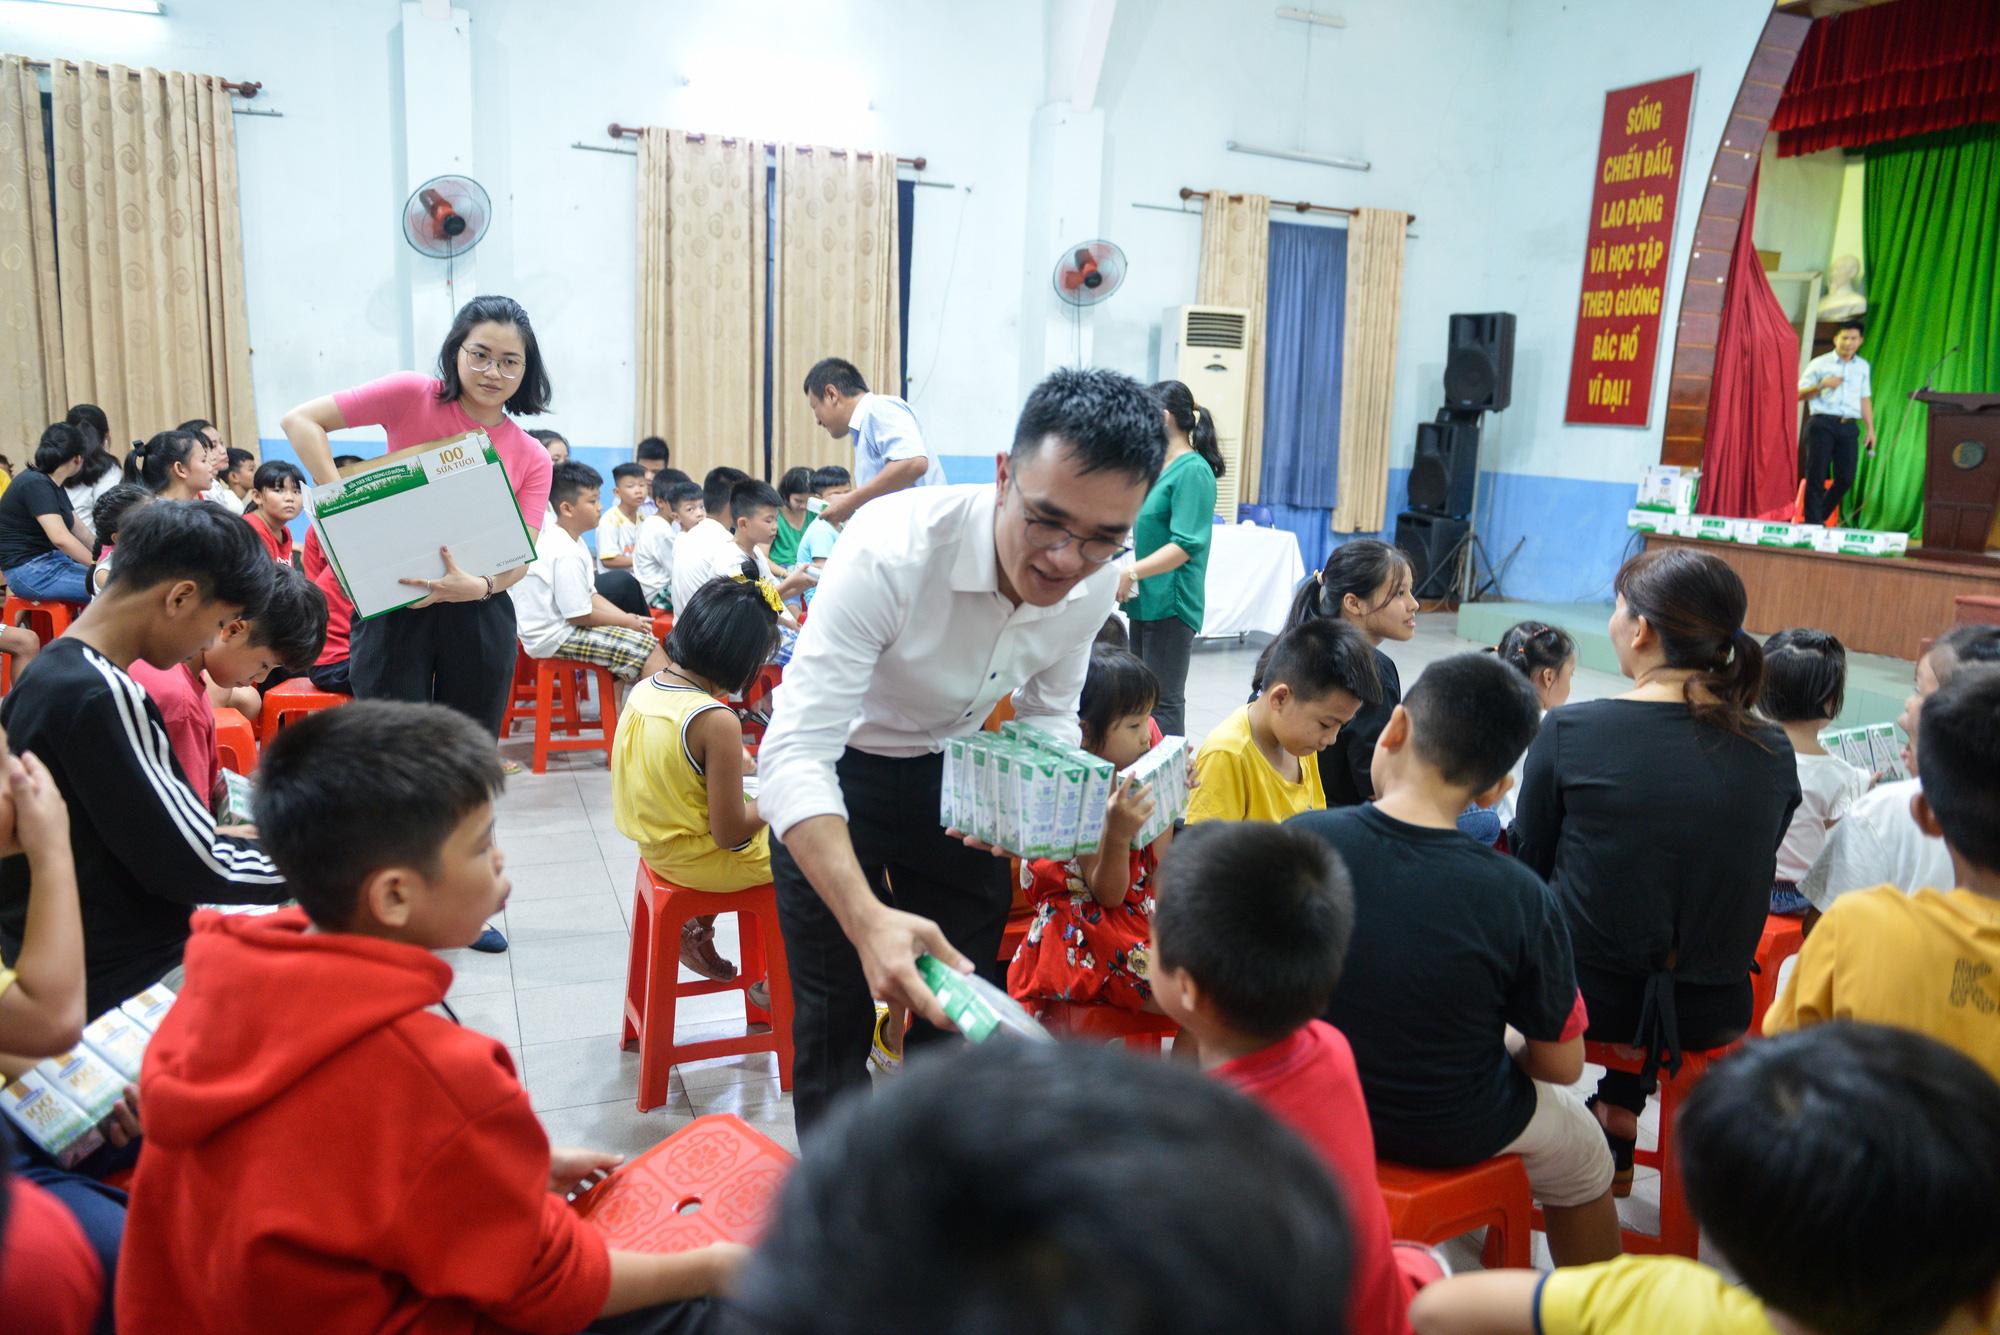 Quỹ sữa Vươn cao Việt Nam đến với trẻ khó khăn TP.HCM - Ảnh 4.